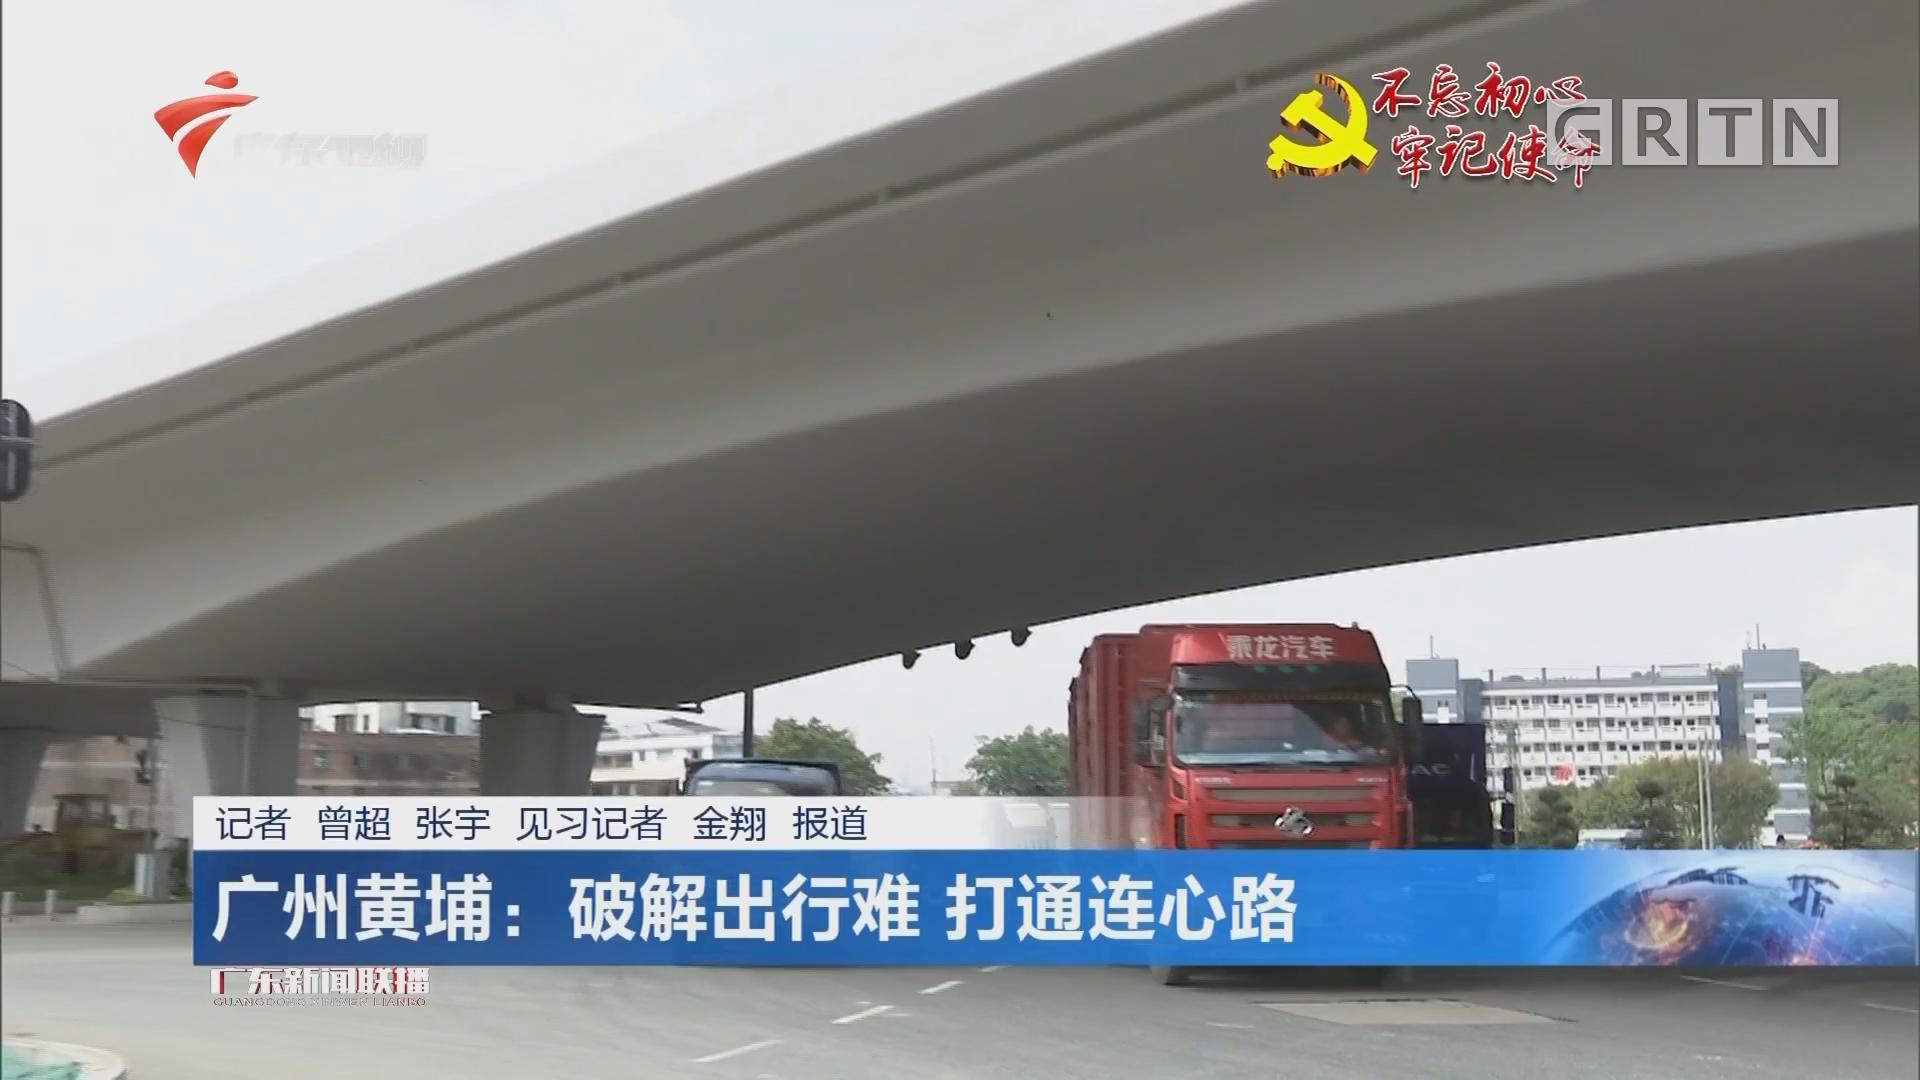 广州黄埔:破解出行难 打通连心路